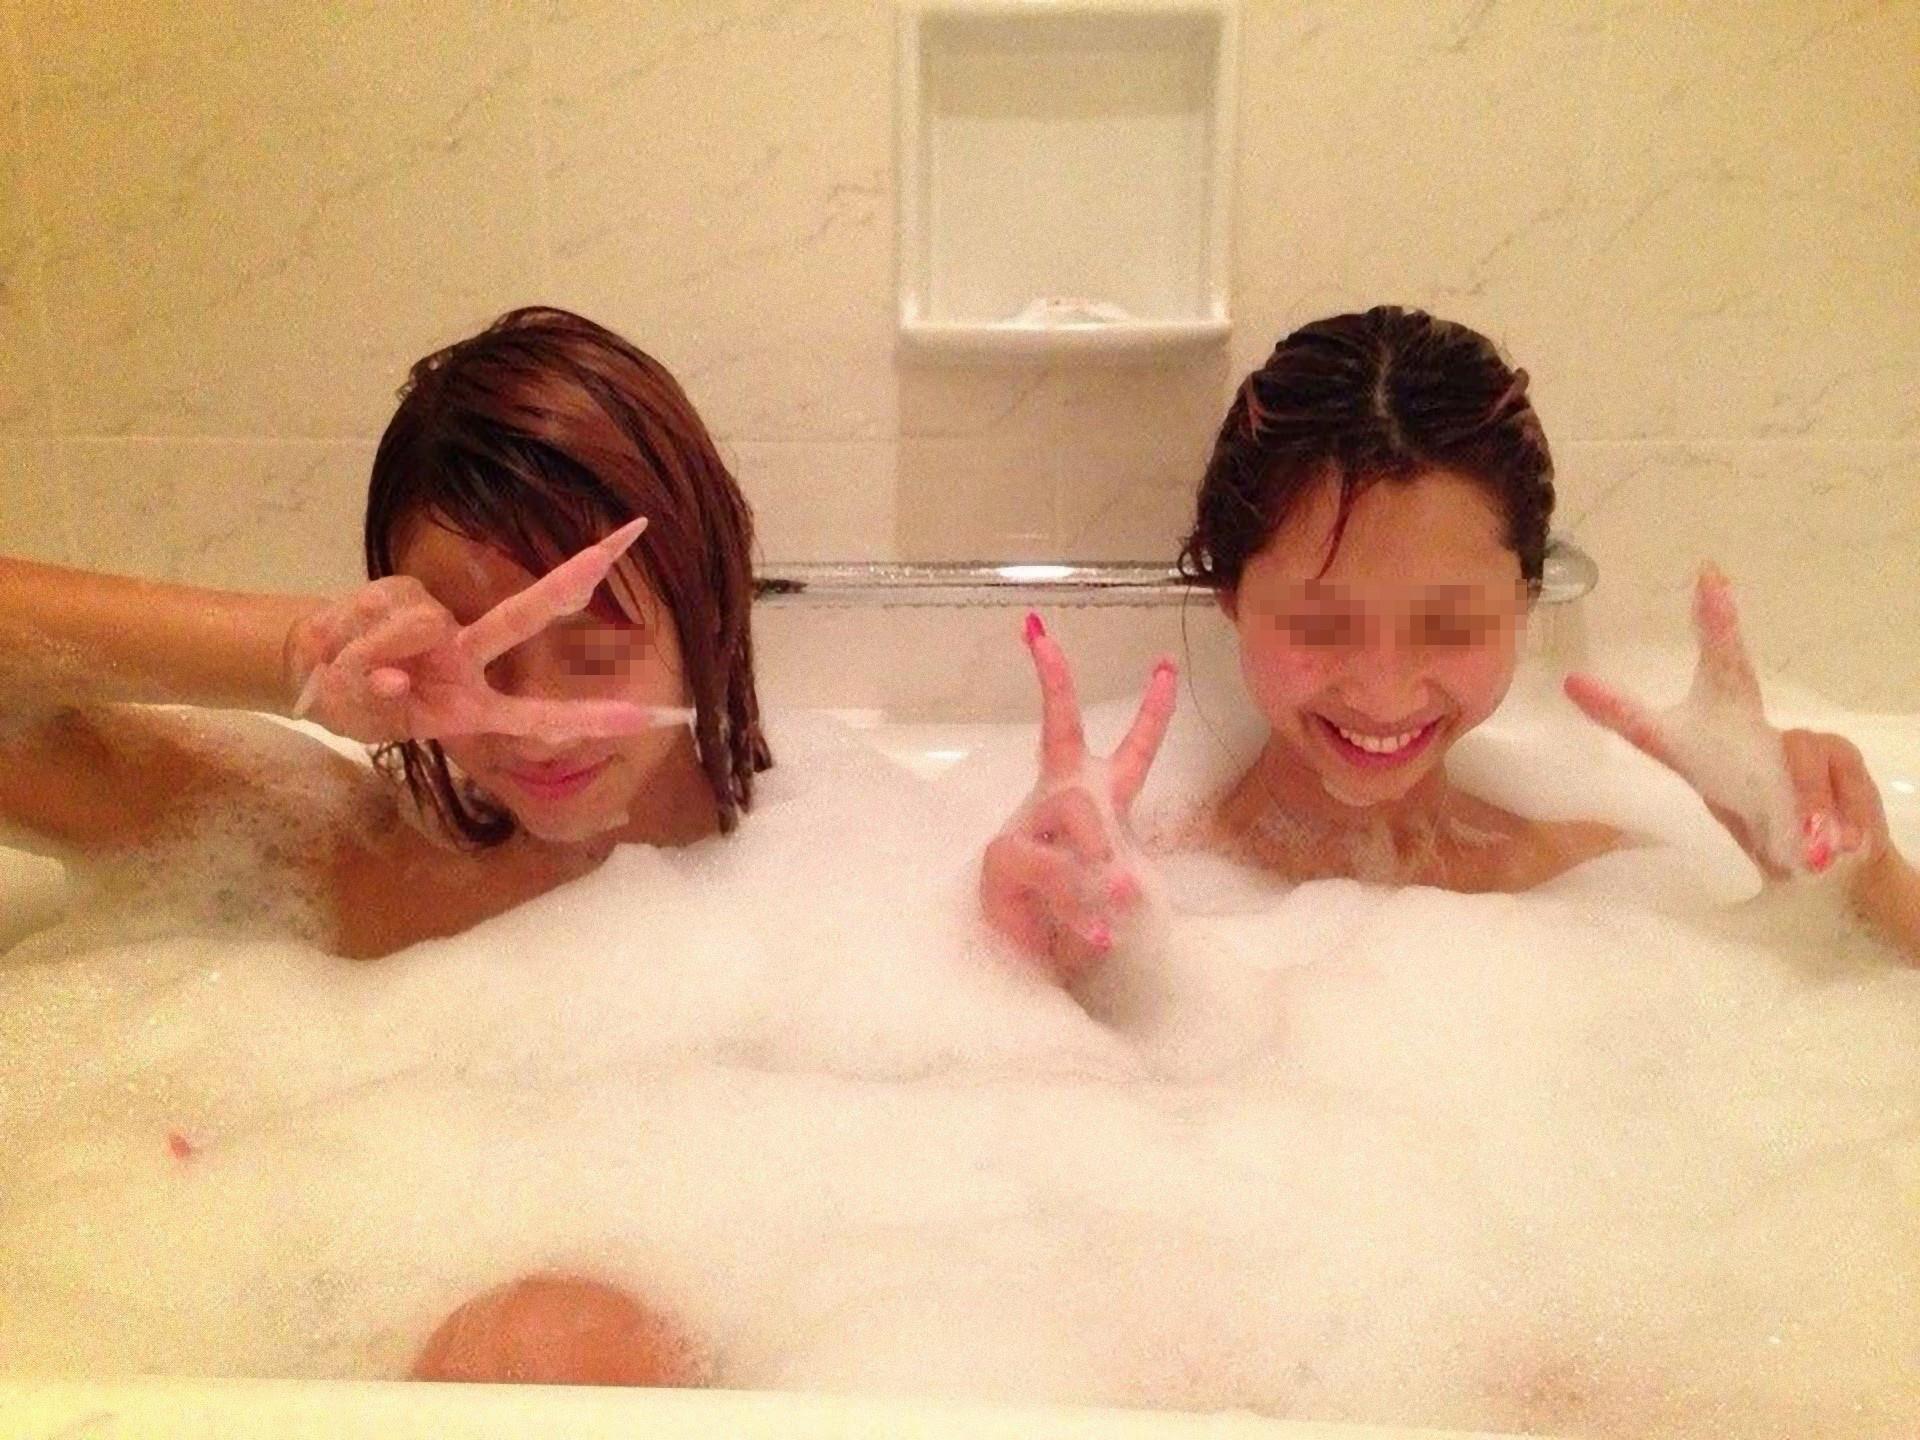 ラブホの泡風呂ではっちゃけてる素人入浴画像22枚